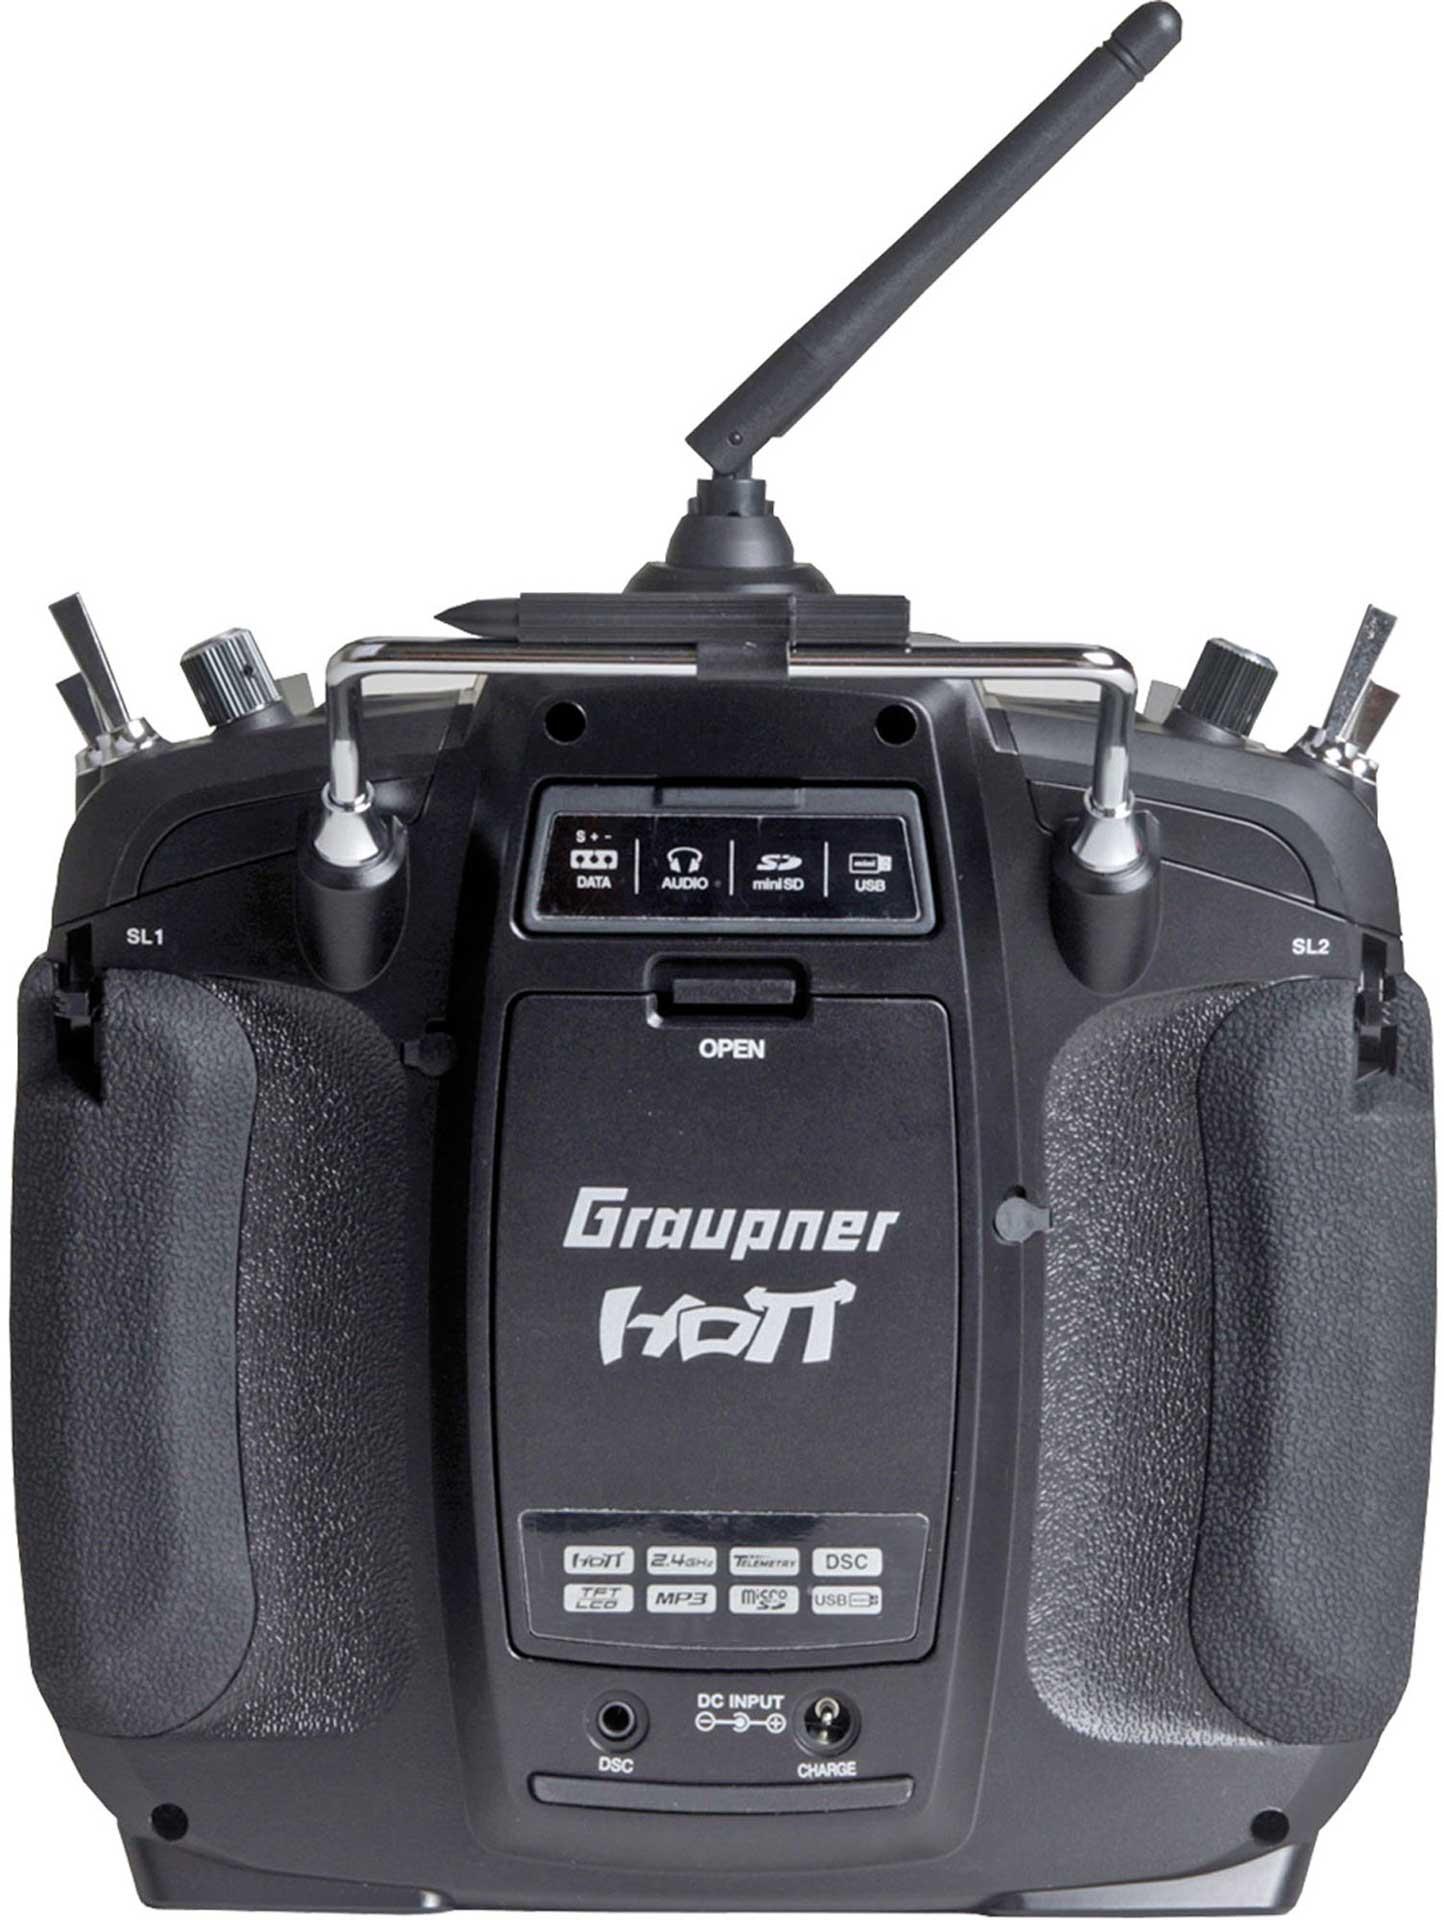 GRAUPNER MZ-24 PRO HOTT Einzelsender 2,4Ghz Fernsteuerung